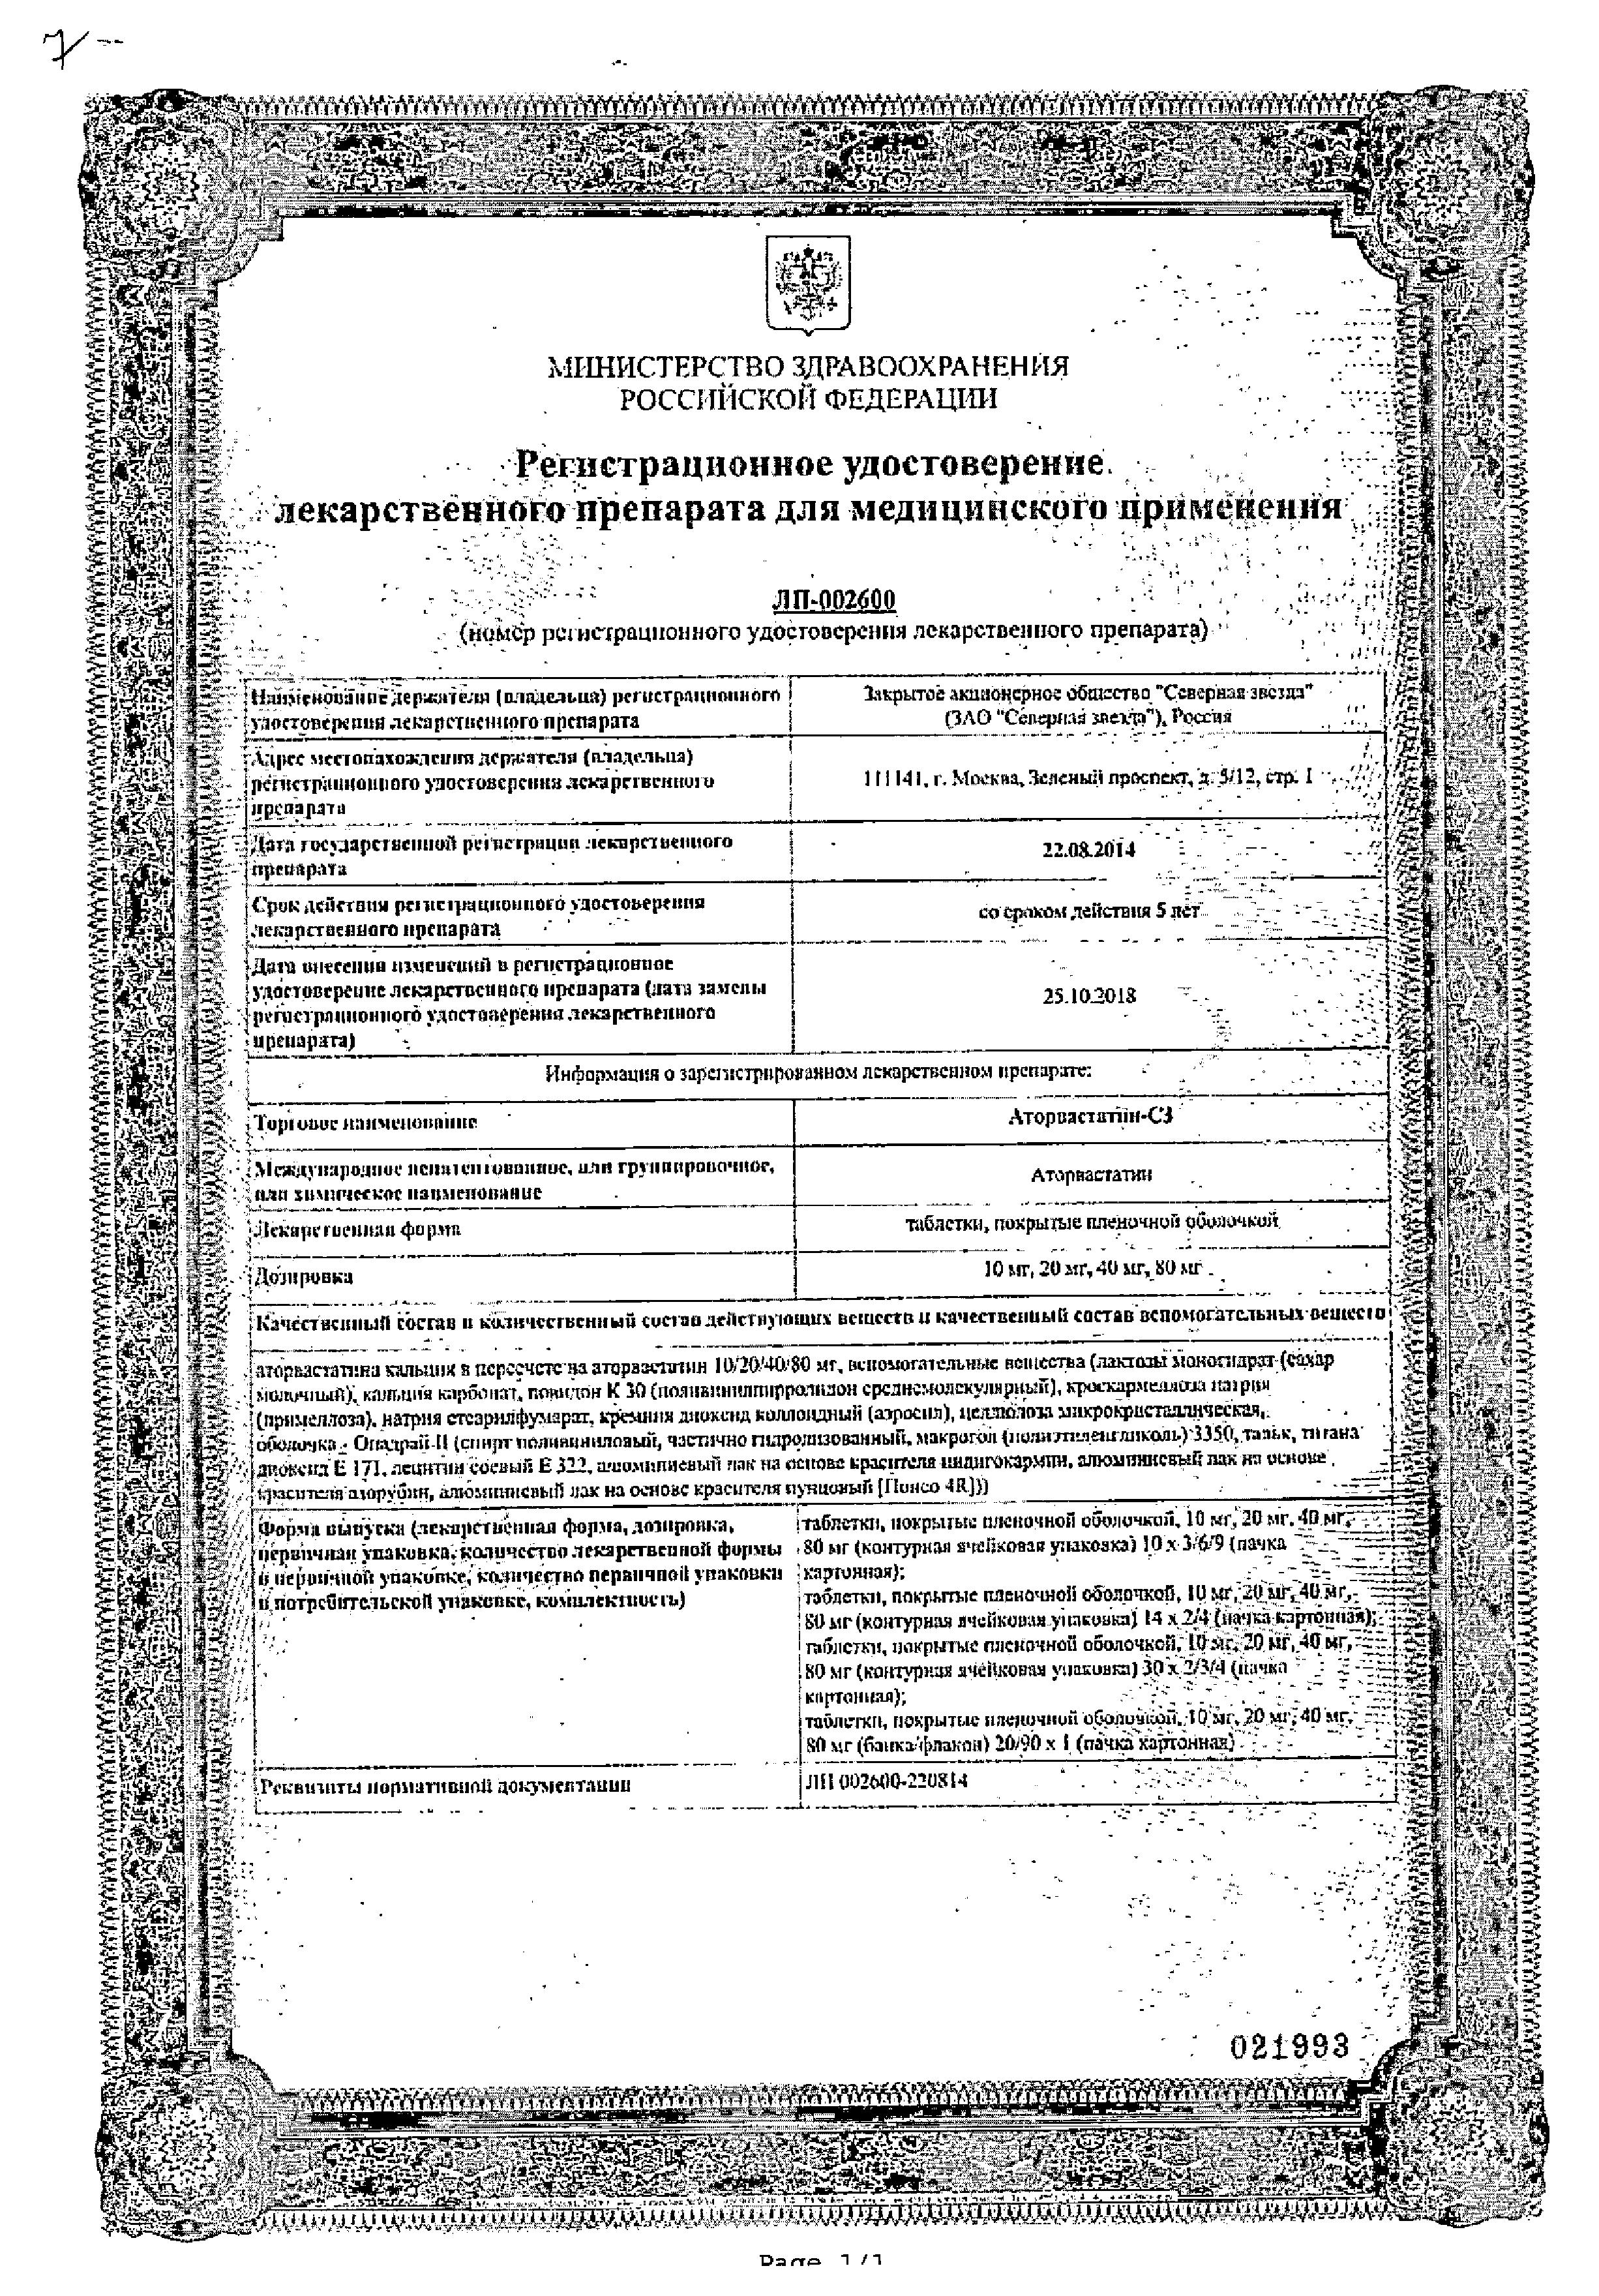 Аторвастатин-СЗ сертификат